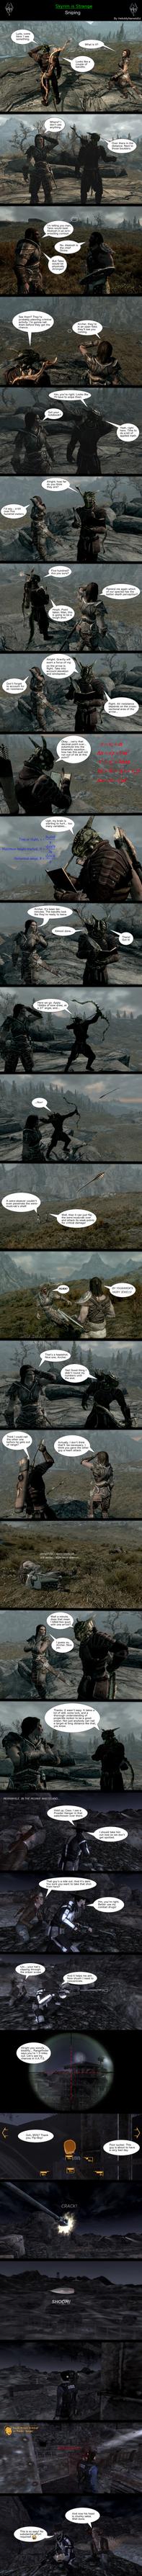 Skyrim is Strange - Sniping by HelloMyNameIsEd